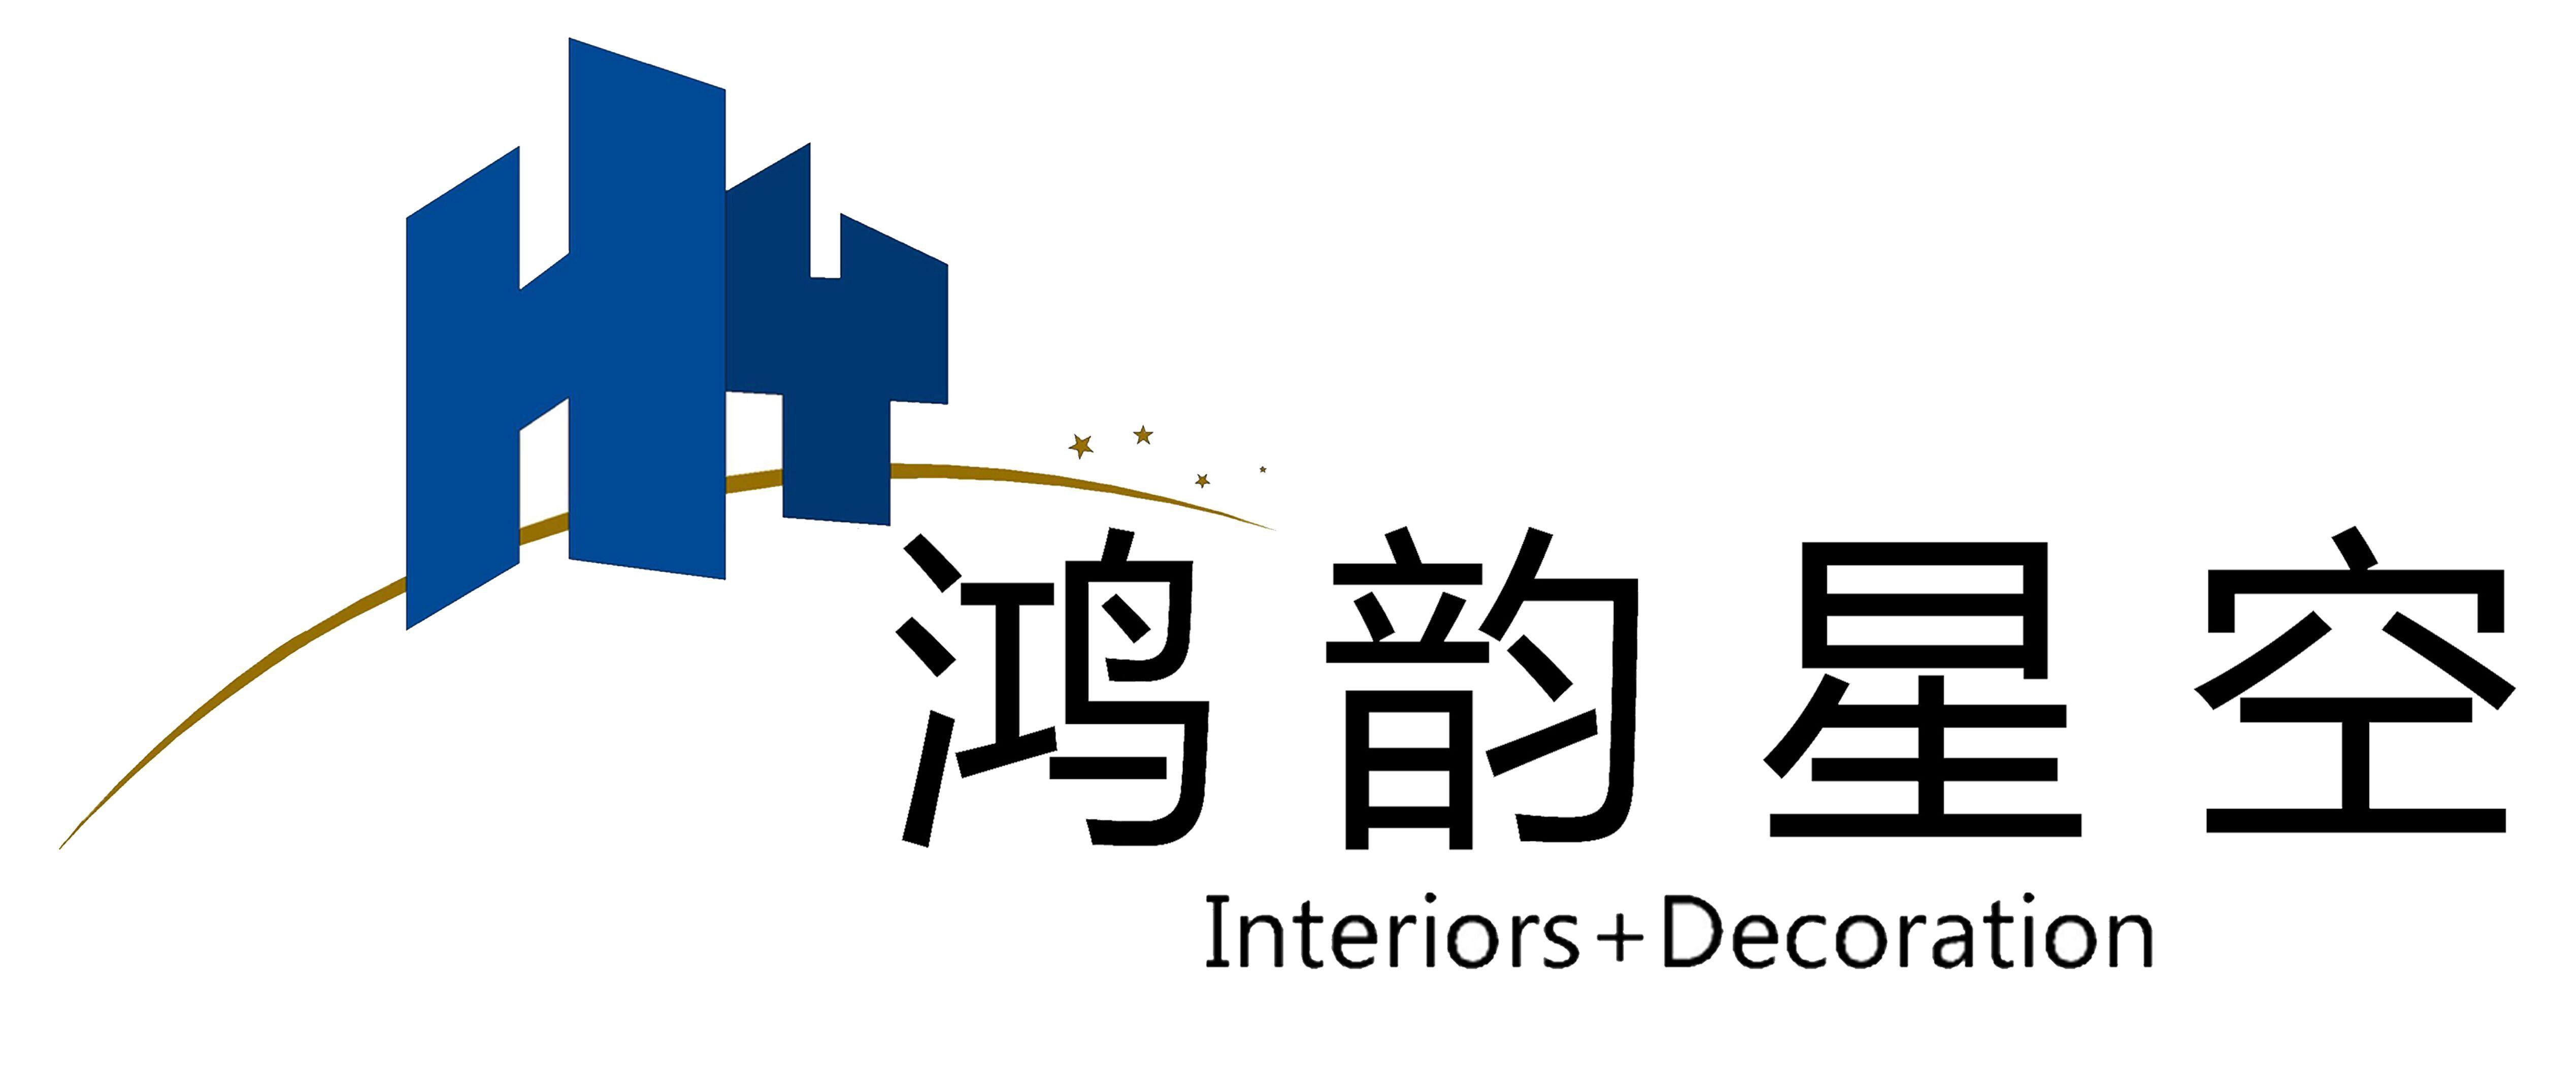 苏州鸿韵星空建筑装饰工程有限公司